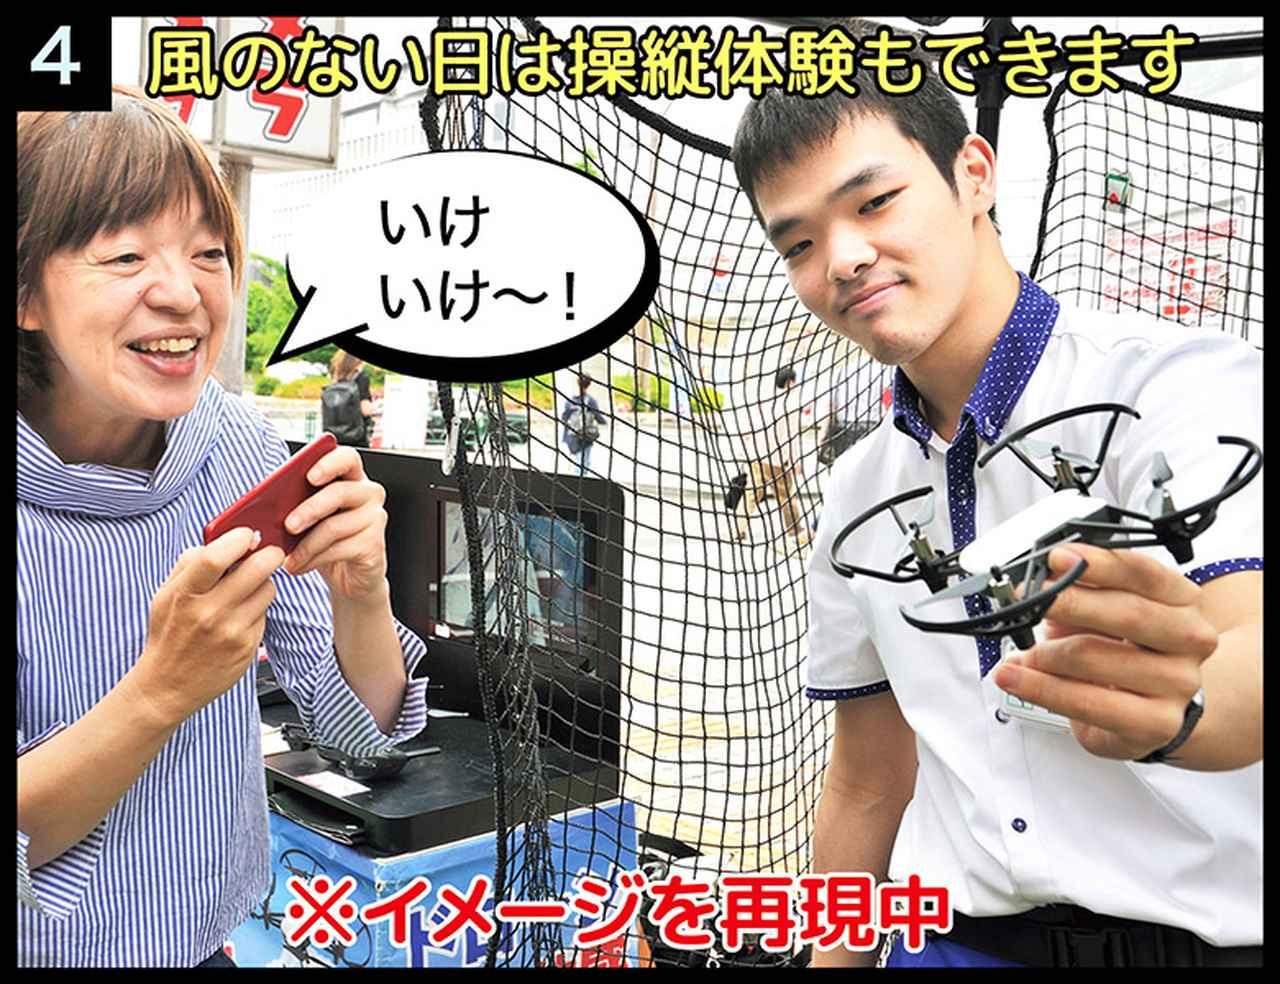 画像5: ヨドバシカメラの店頭で開催!実際にドローンが飛ばせる体験会に参加してみた!